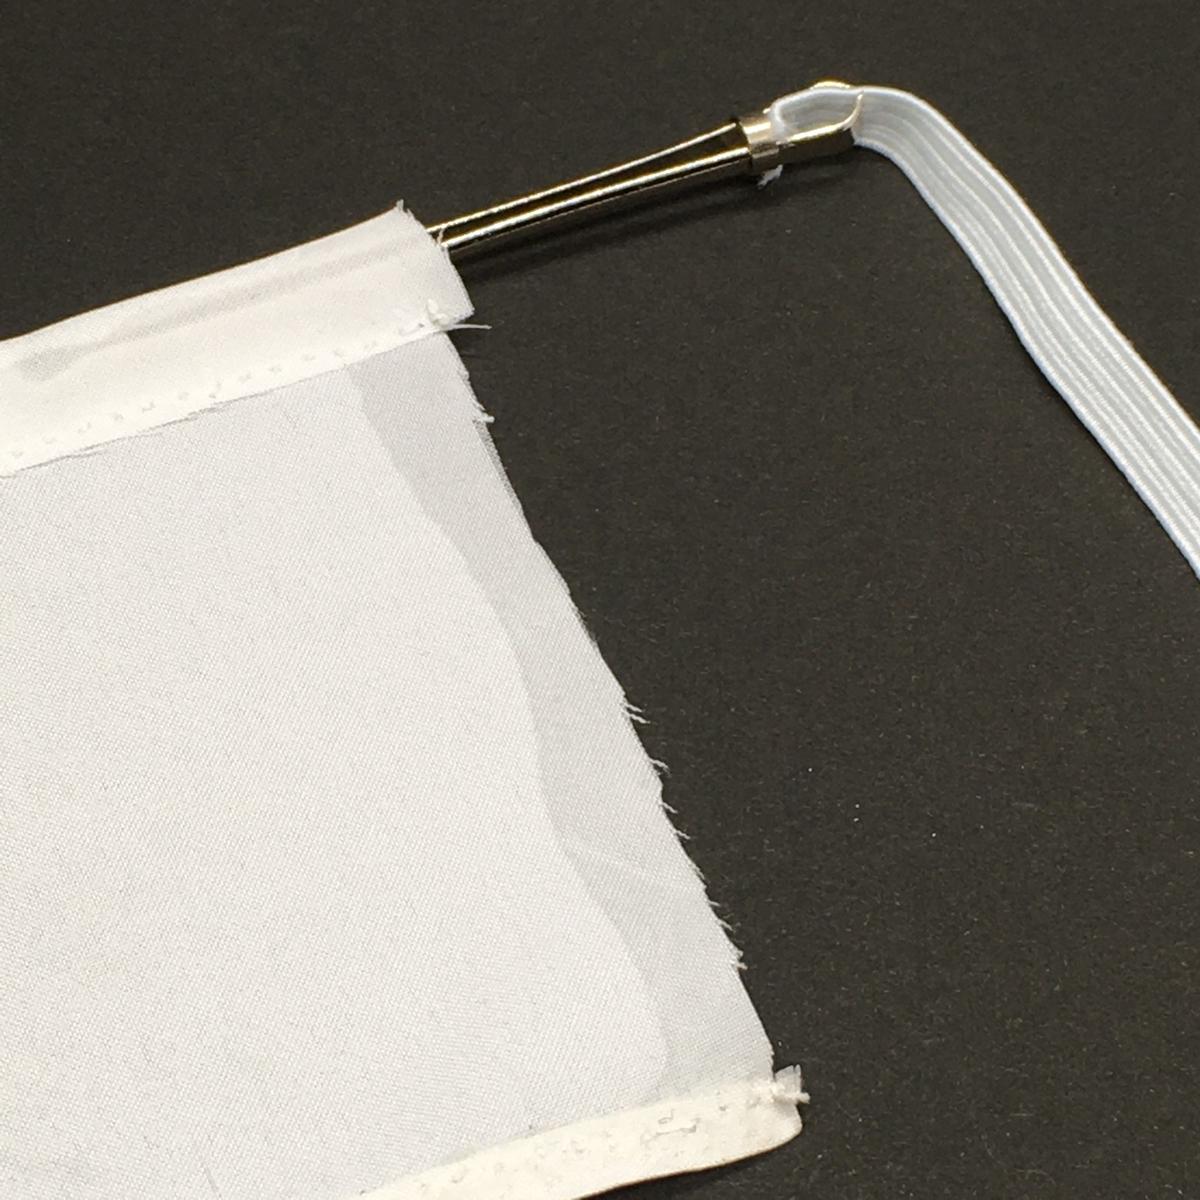 布の上部に印の部分までゴム紐を通していきます